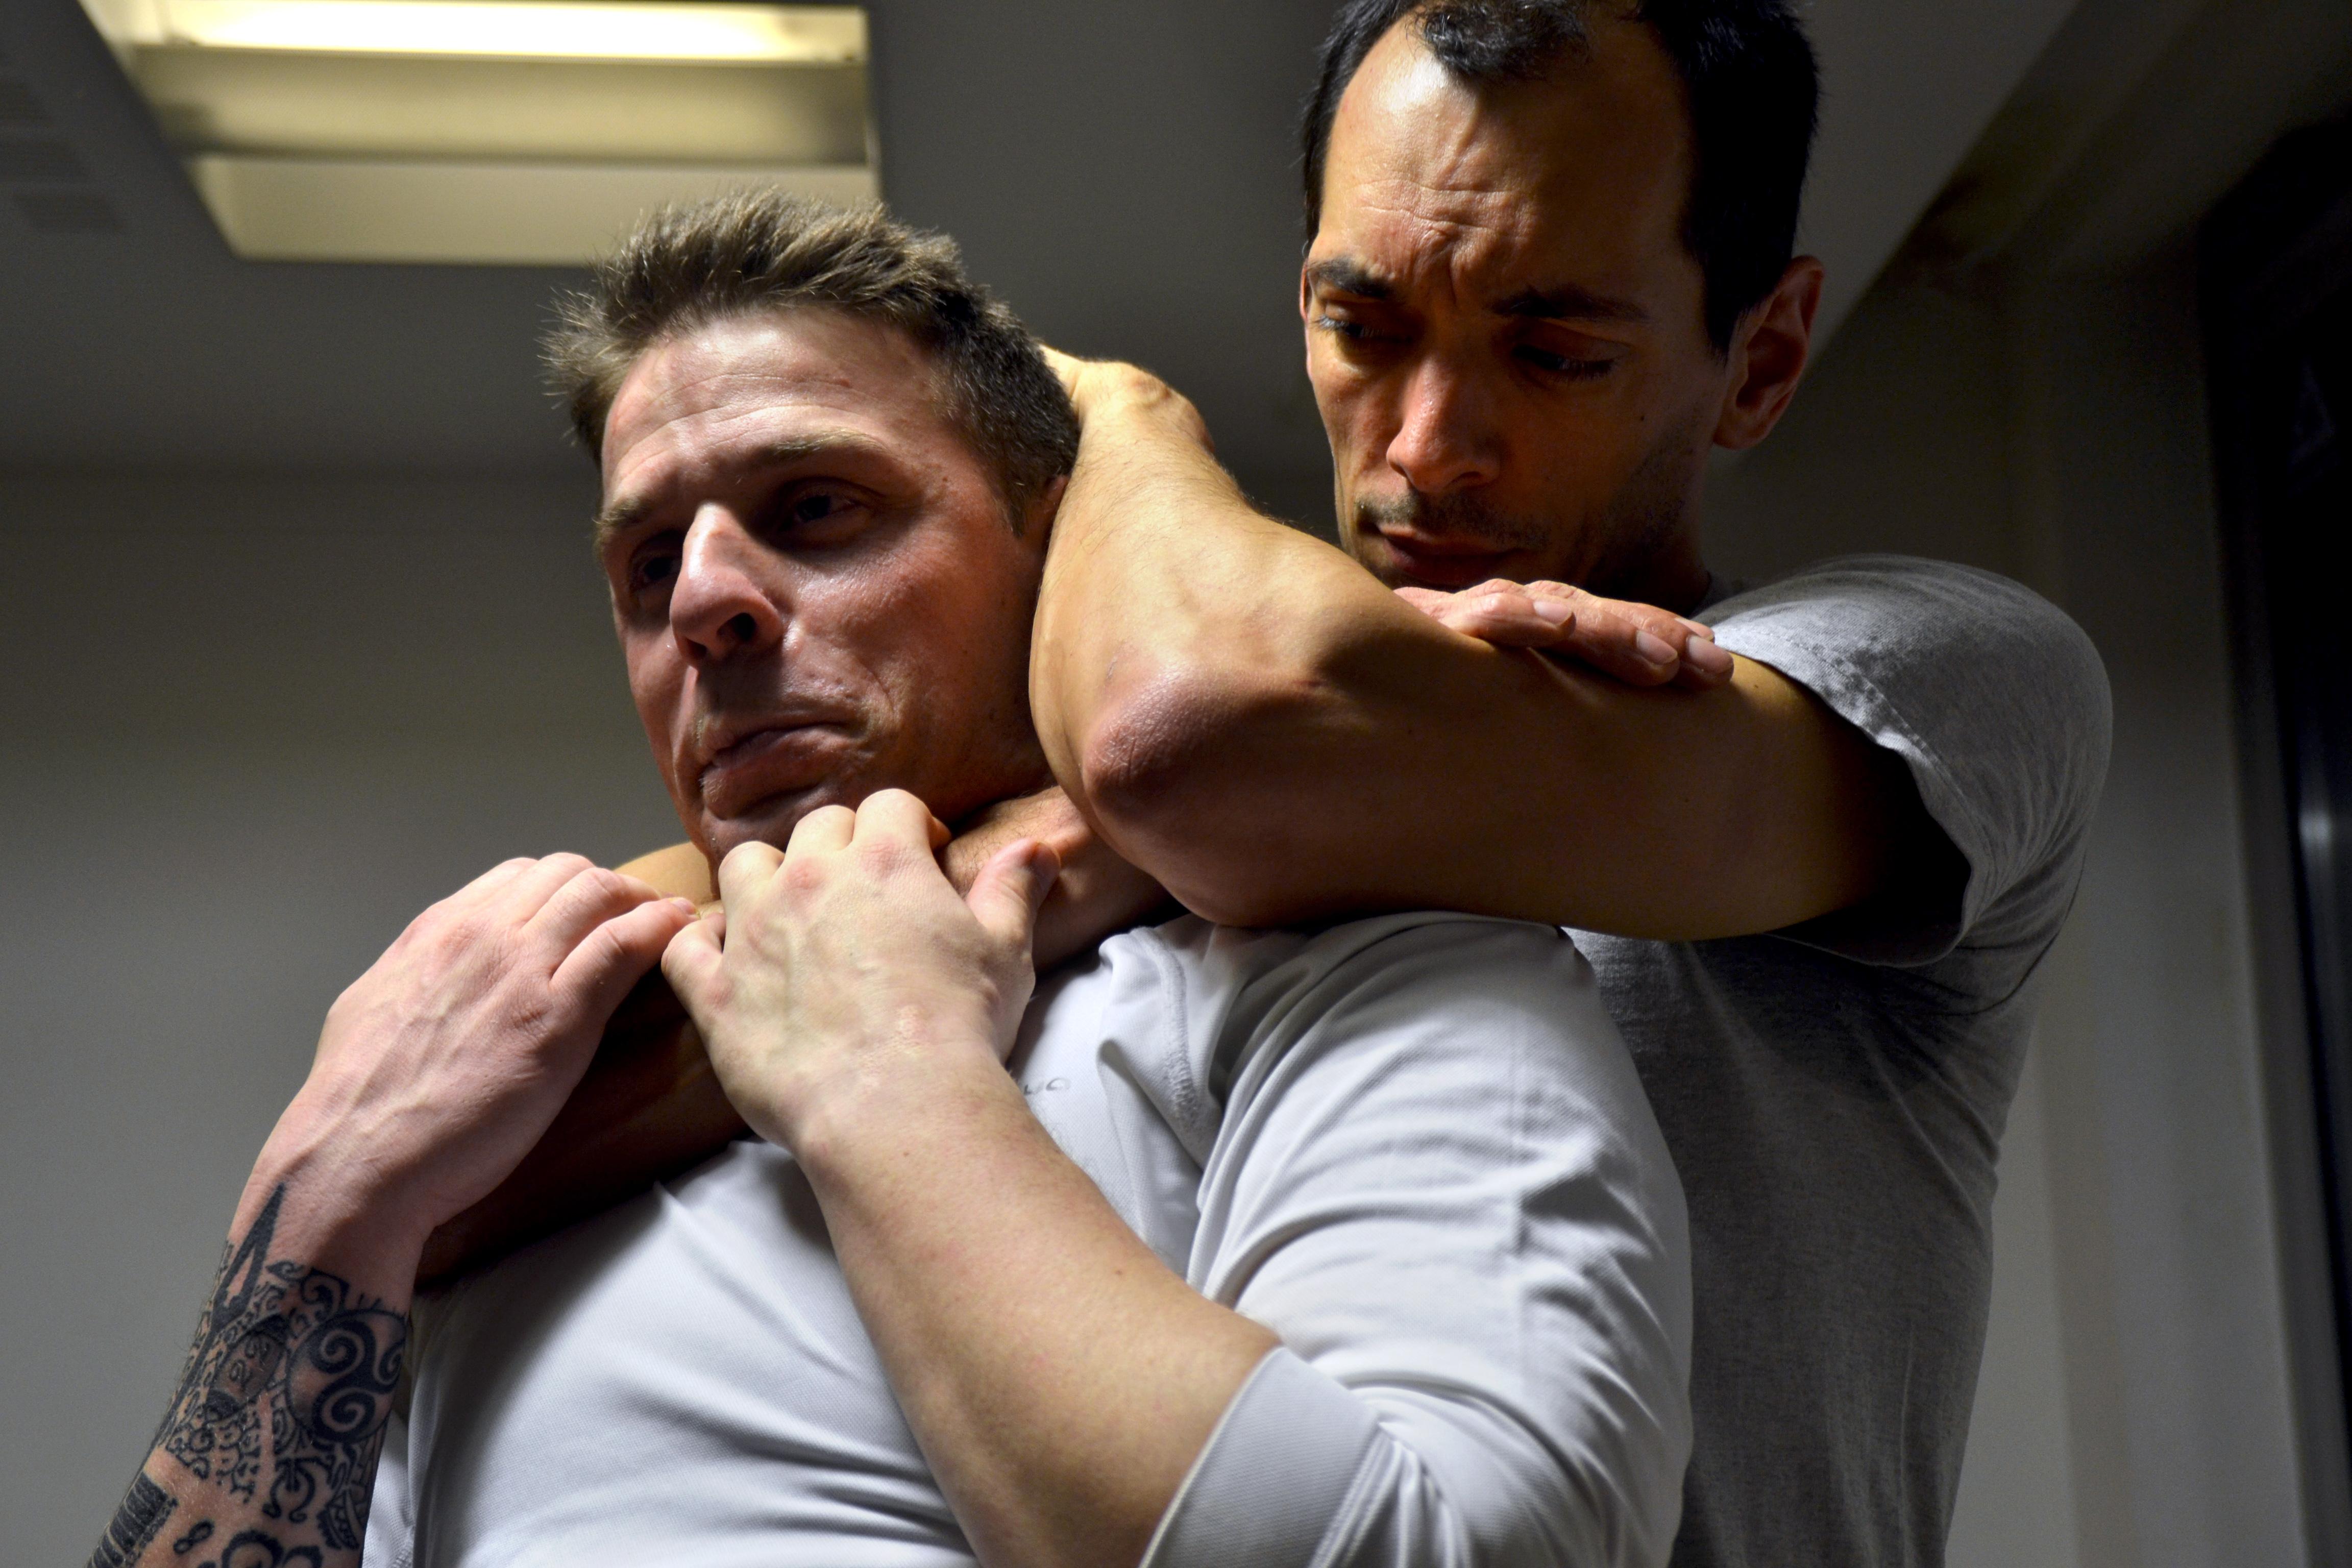 Wing Chun self-defense